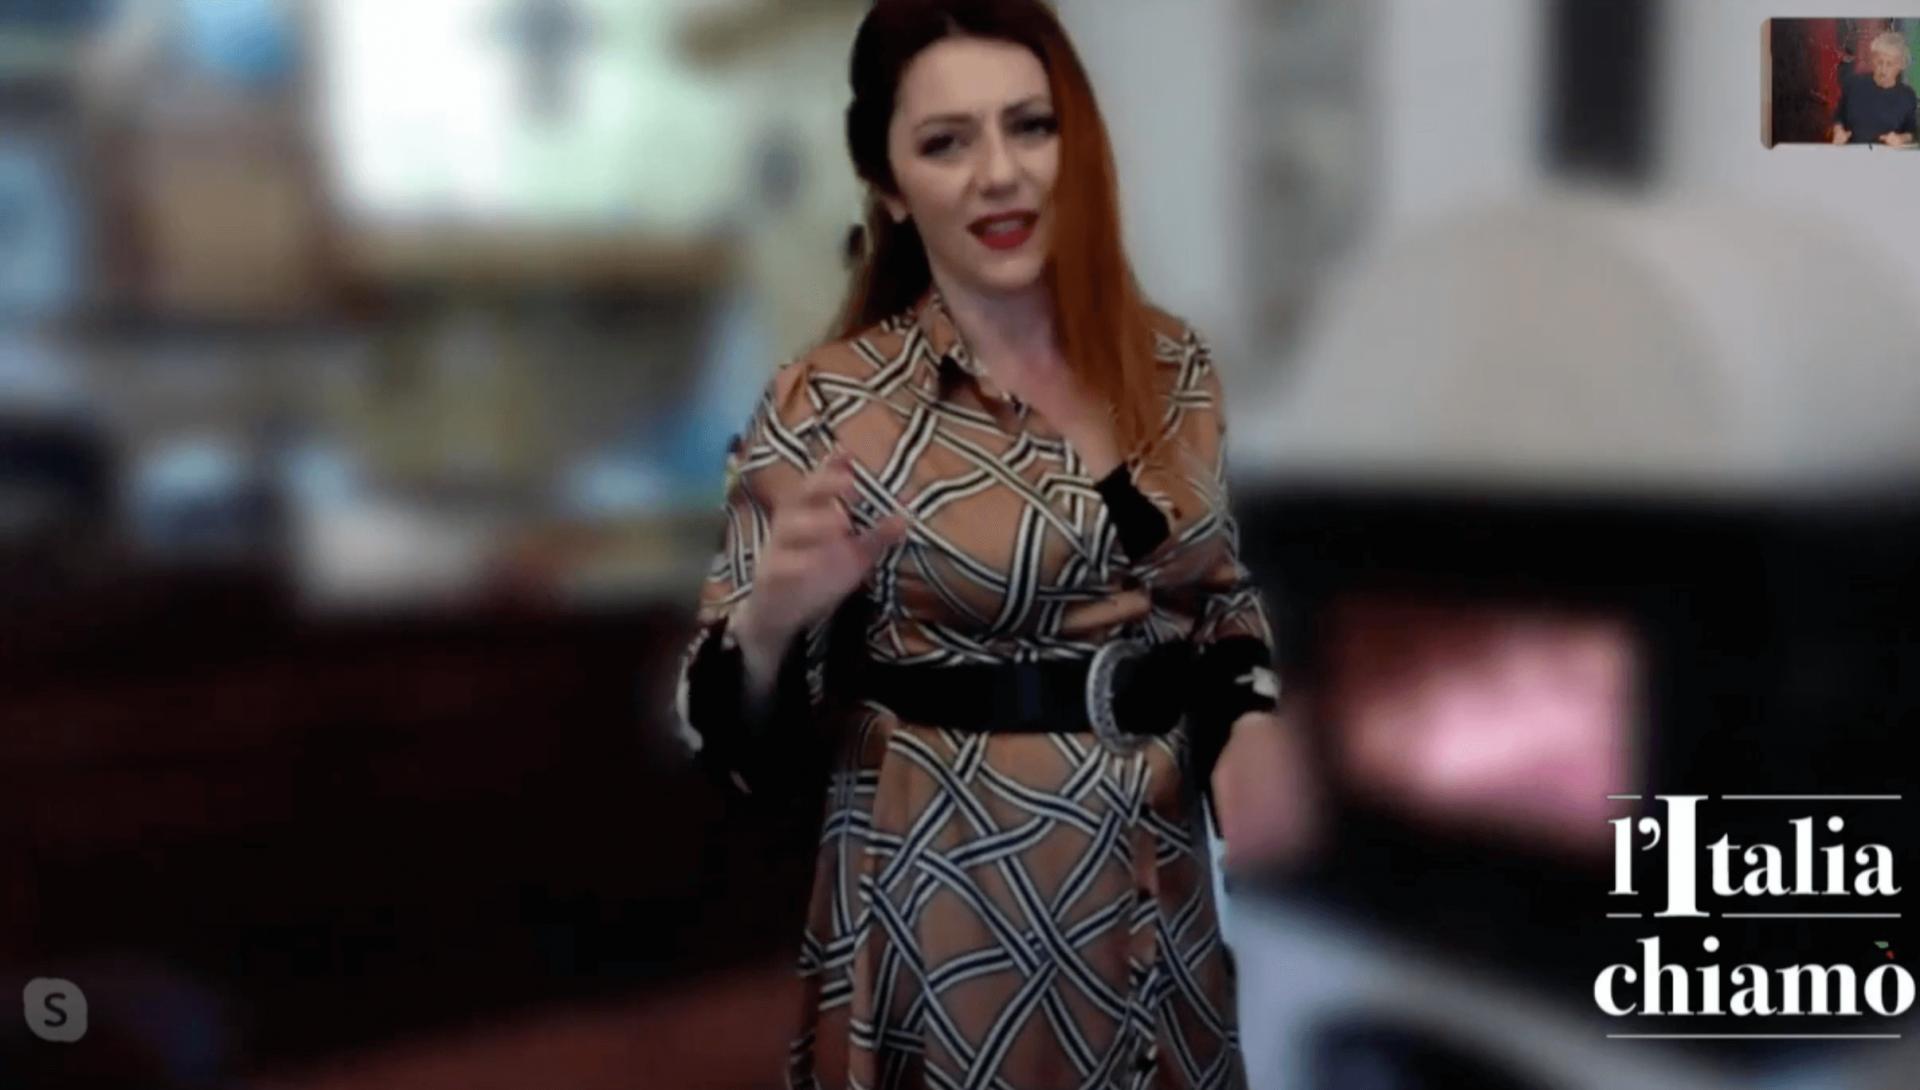 Ho partecipato alla diretta streaming su youtube #litaliachiamo con il mio monologo su Hedy Lamarr!